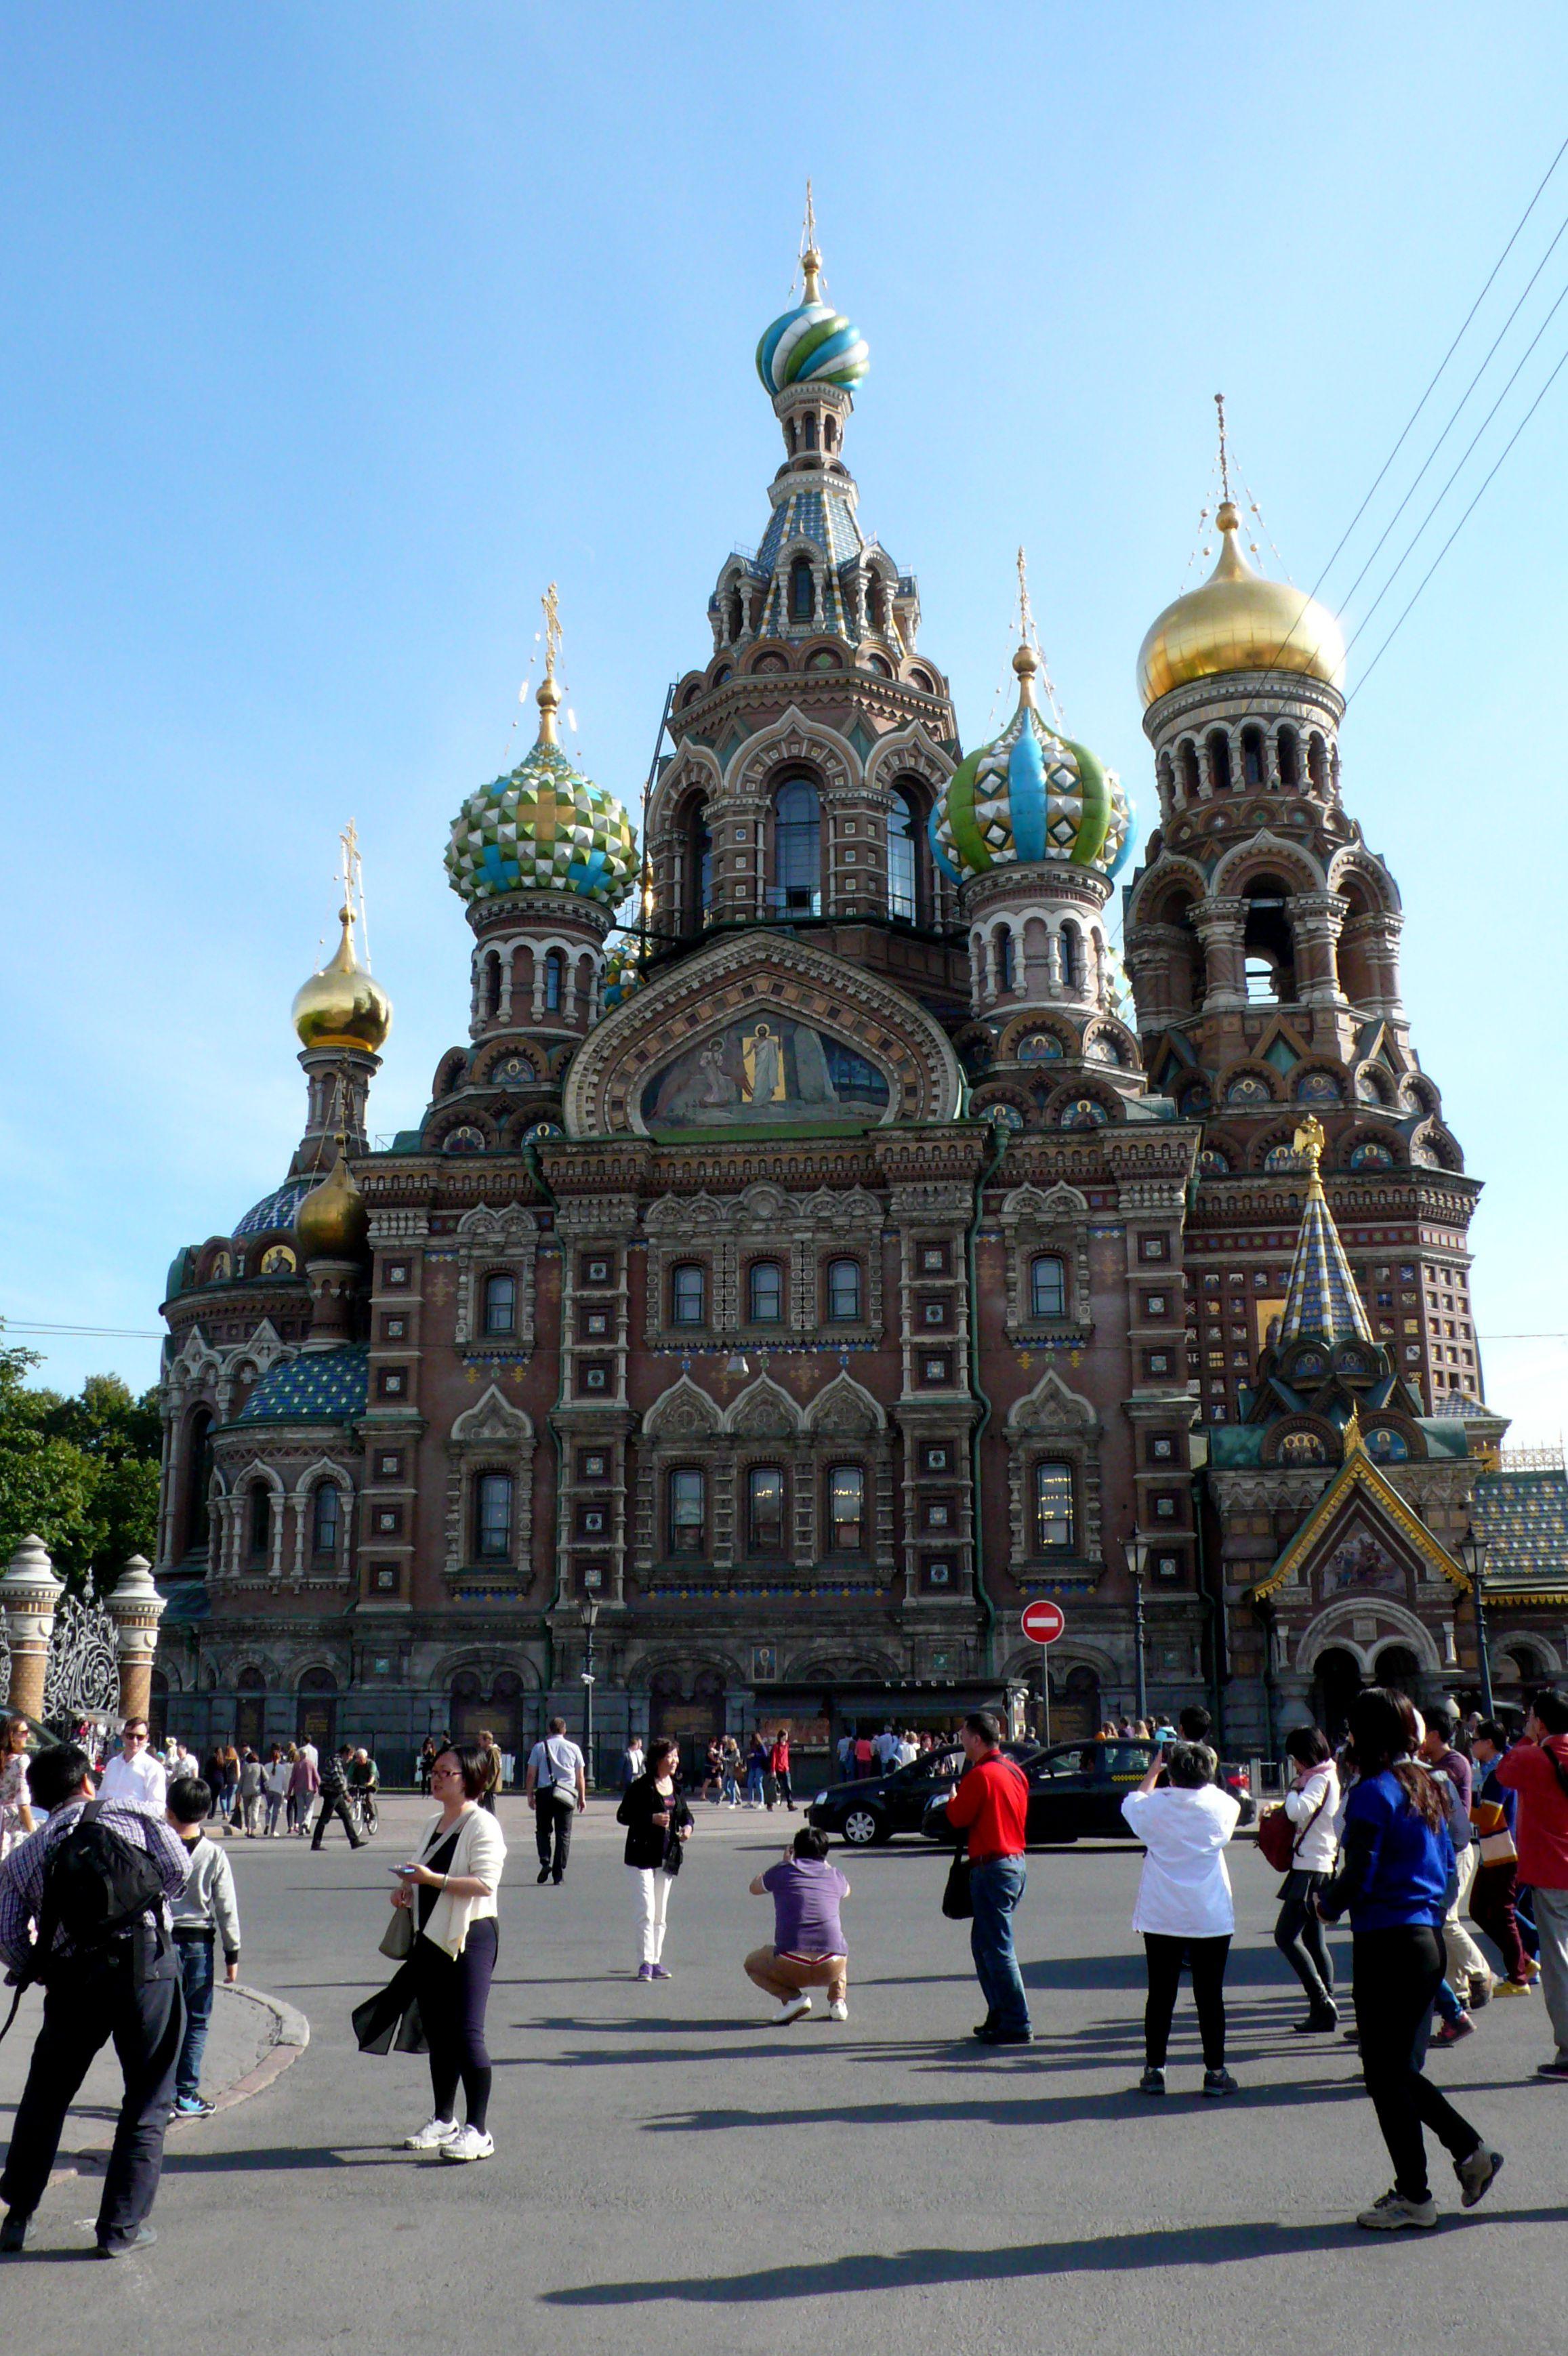 圣彼得堡滴血大教堂_【携程攻略】圣彼得堡滴血大教堂景点,圣彼得堡是俄罗斯最漂亮 ...